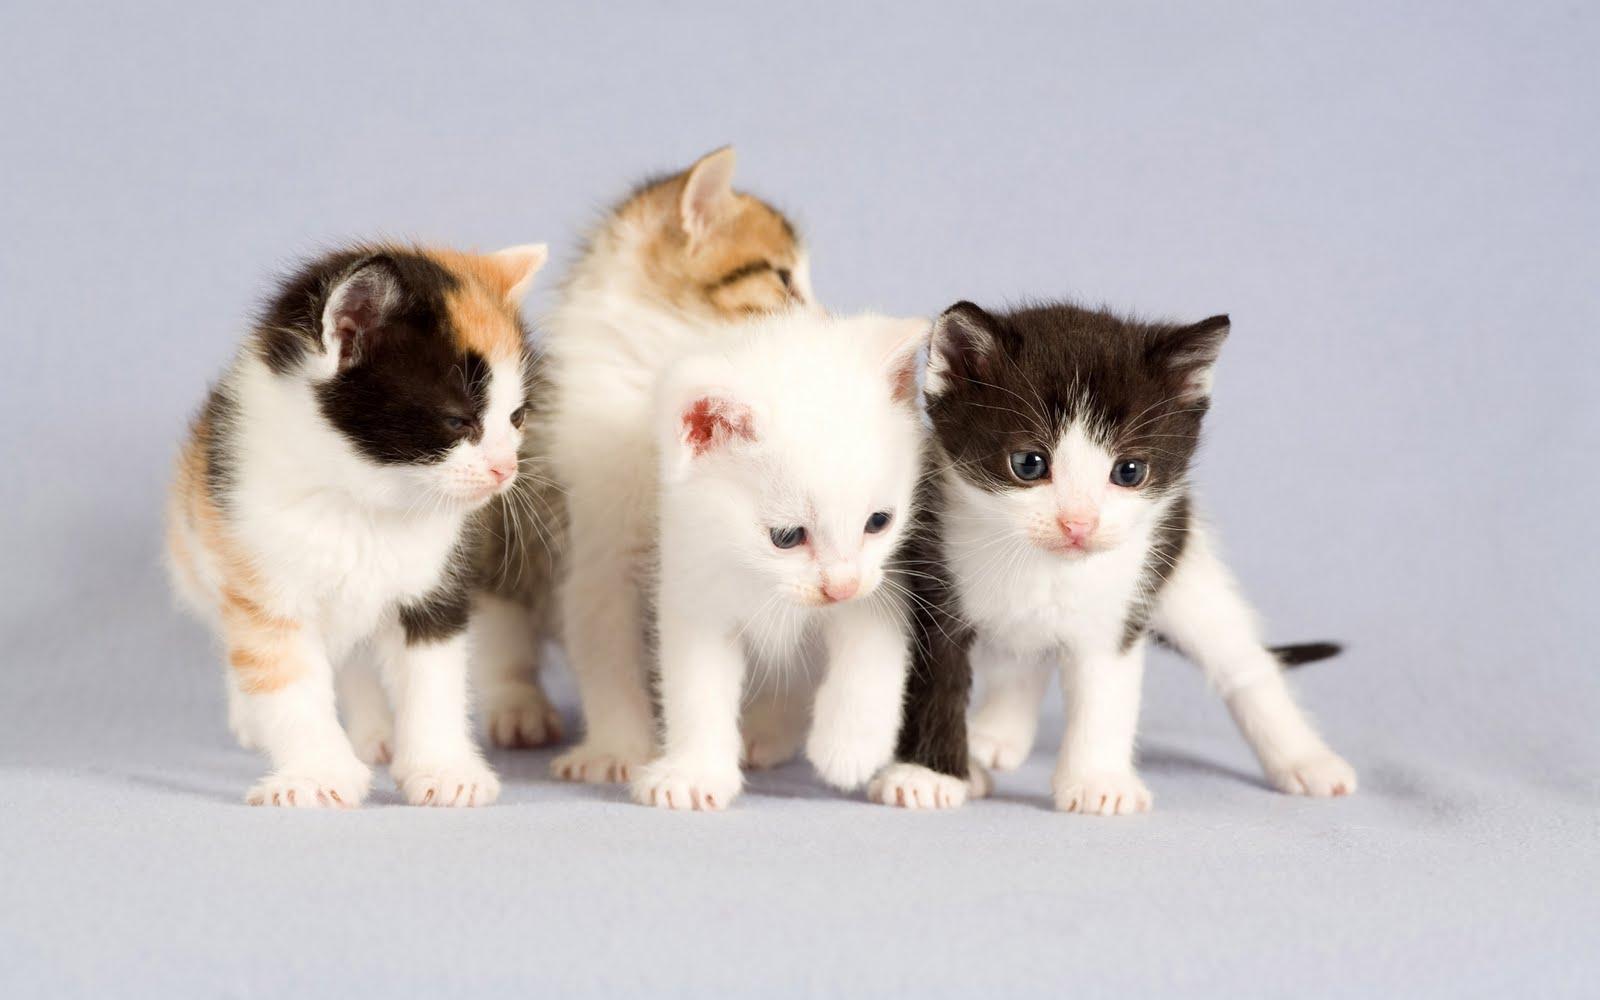 Gambar kucing persia lucu dan imut - Cute kittens hd wallpaper free download ...